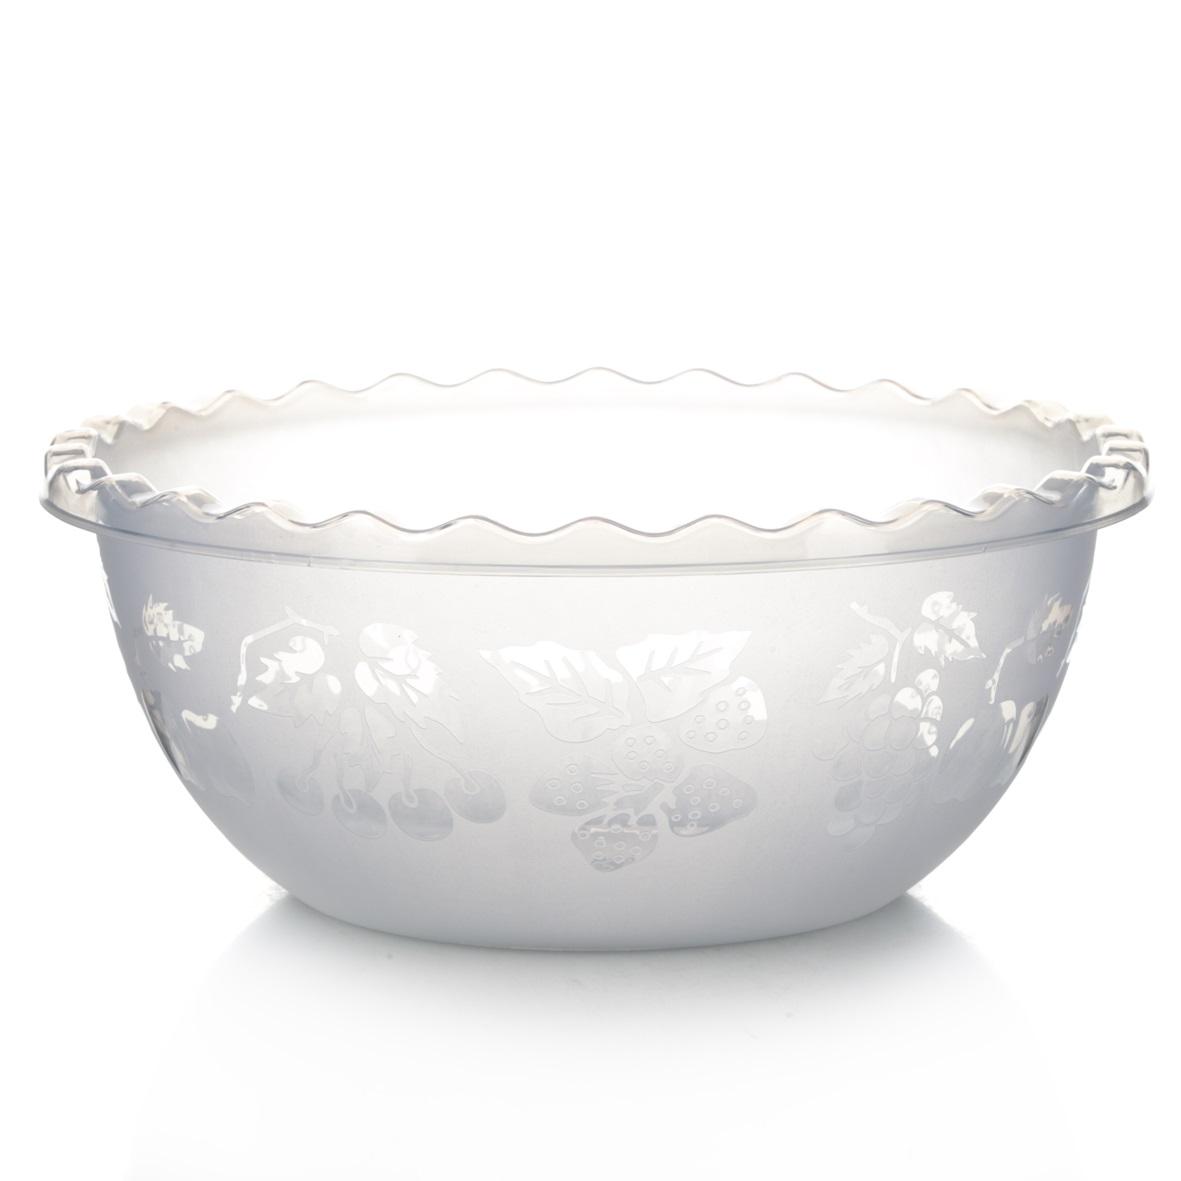 Миска Dunya Plastik Узорная, цвет: прозрачный, 6 л10502Миска Dunya Plastik Узорная изготовлена из пищевого пластика. Внешние стенки украшены изображением ягод и фруктов, кромка волнистая. Изделие очень функционально, оно пригодится на кухне для самых разнообразных нужд: в качестве салатника, миски, тарелки и т.д. Можно мыть в посудомоечной машине. Объем: 6 л. Диаметр: 28 см. Высота стенки: 12 см.